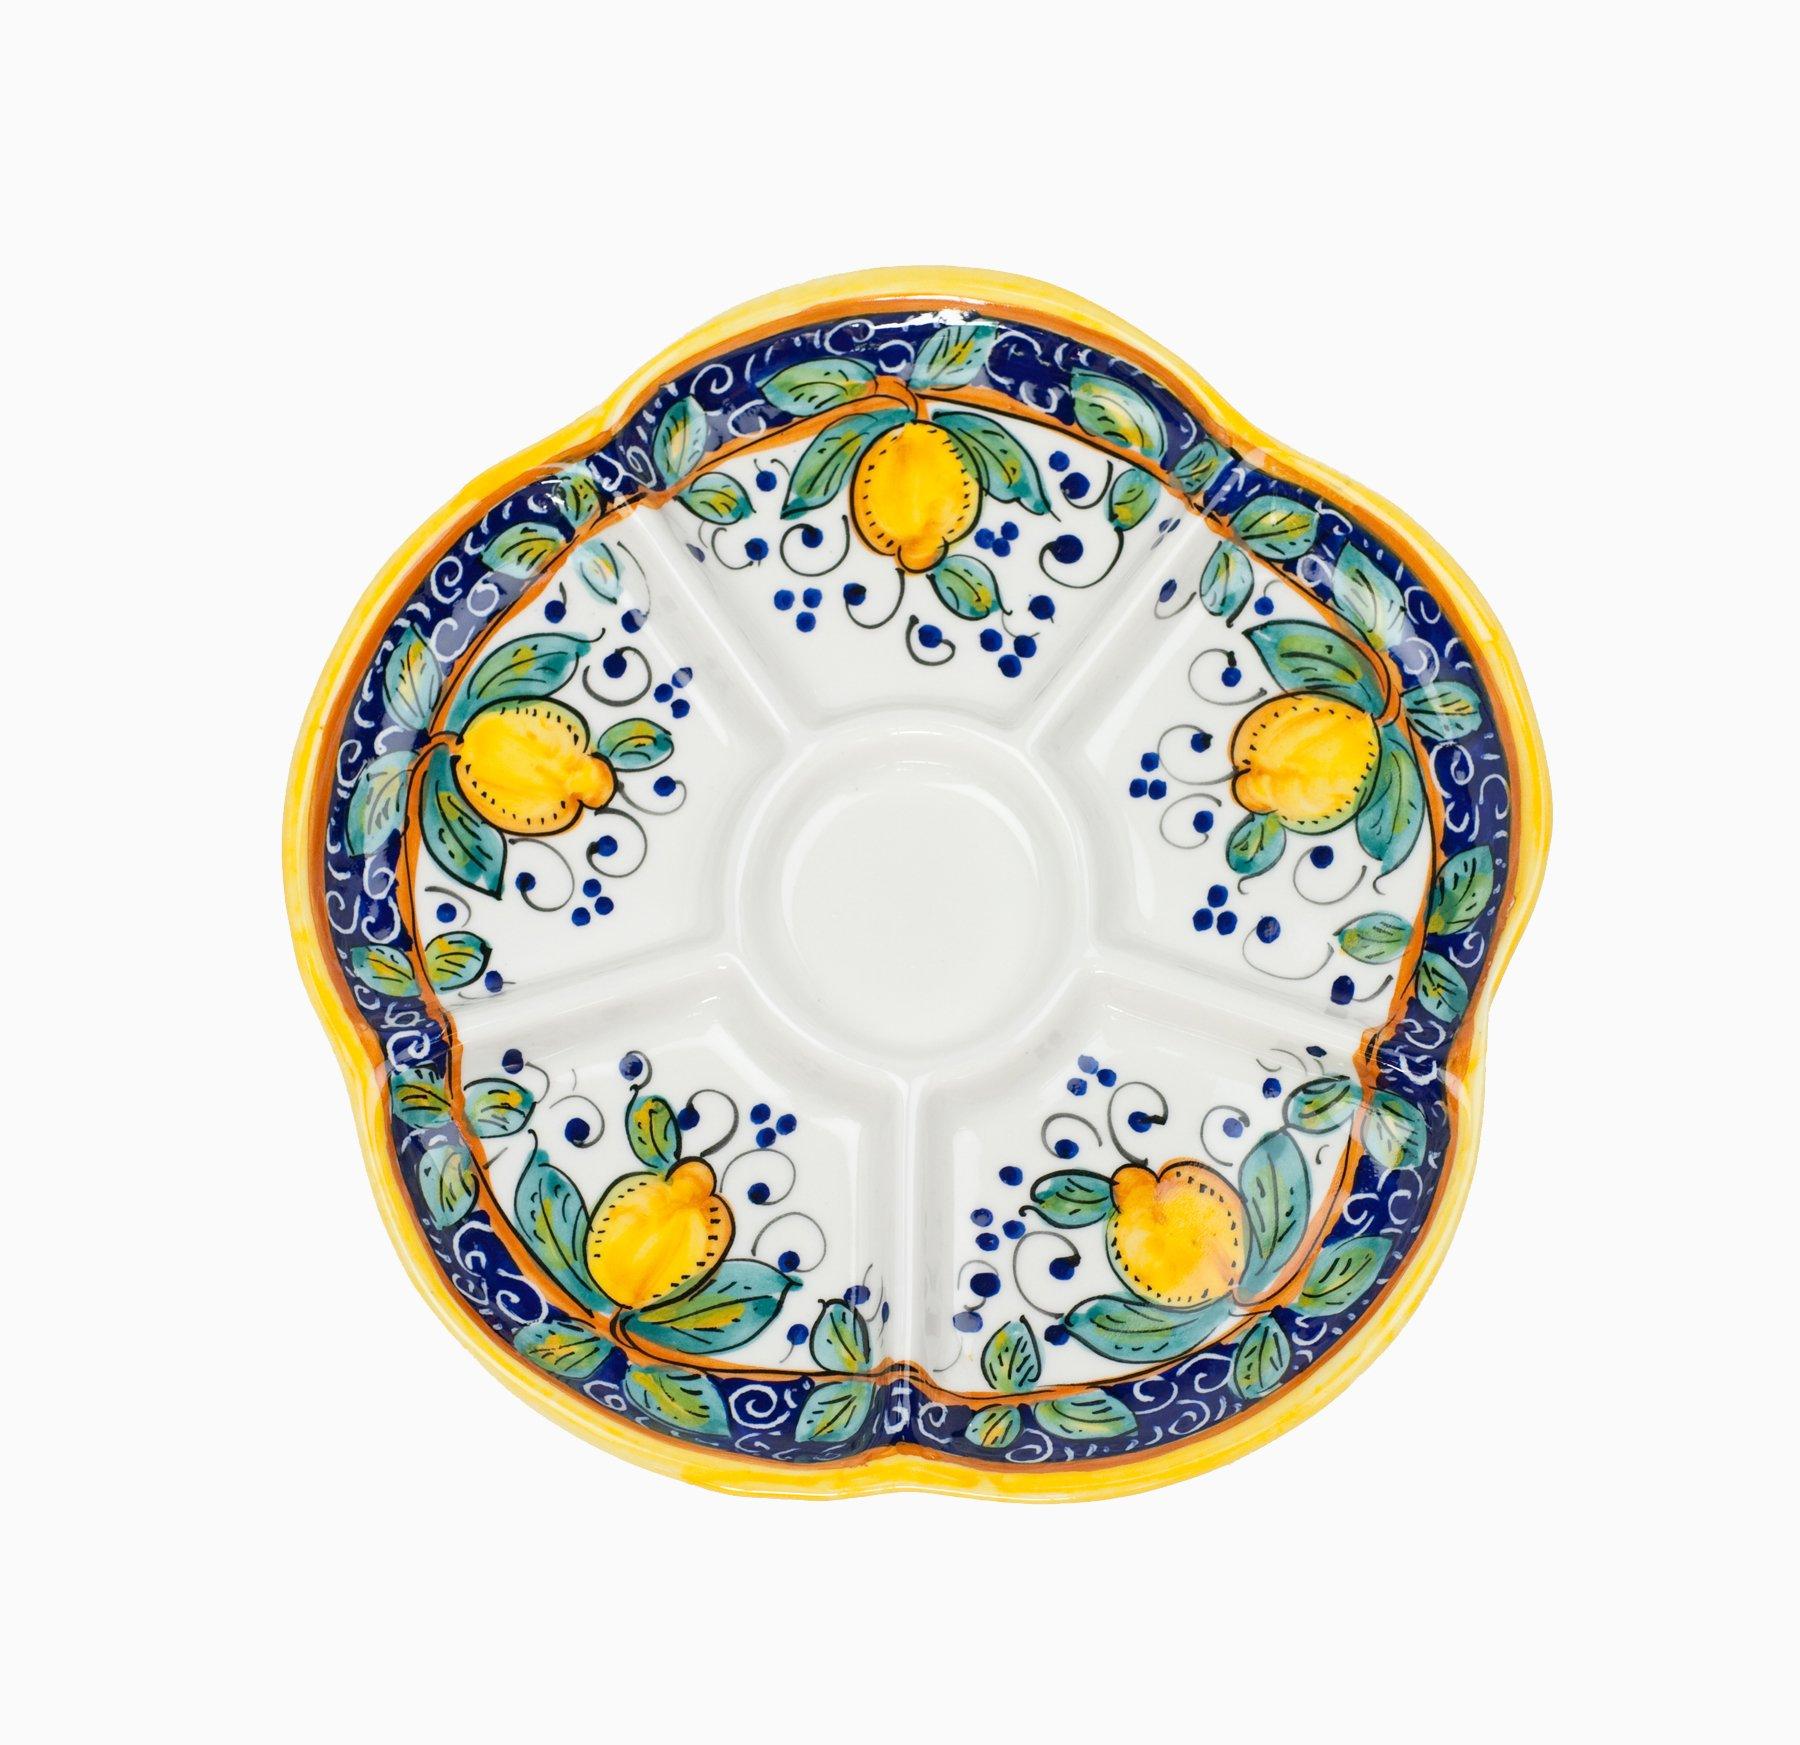 Arte D'Italia Imports Hand Painted Alcantara Divided Dish From Italy